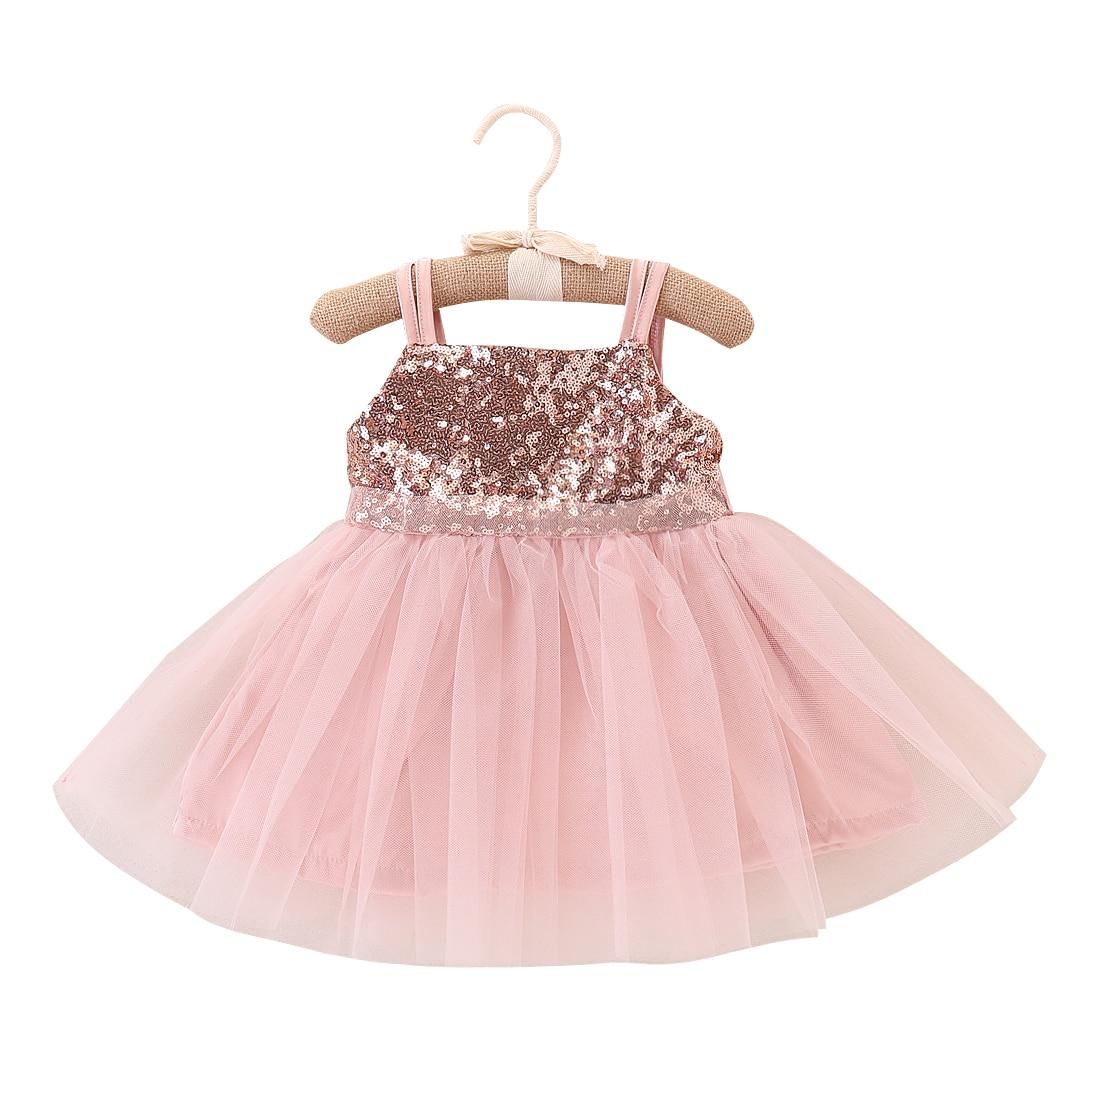 86a3826244 Dziecko dziecko sukienki dla dziewczynek 2018 cekiny Bow tiul księżniczka  dziewczyny wesele suknie urodzinowe